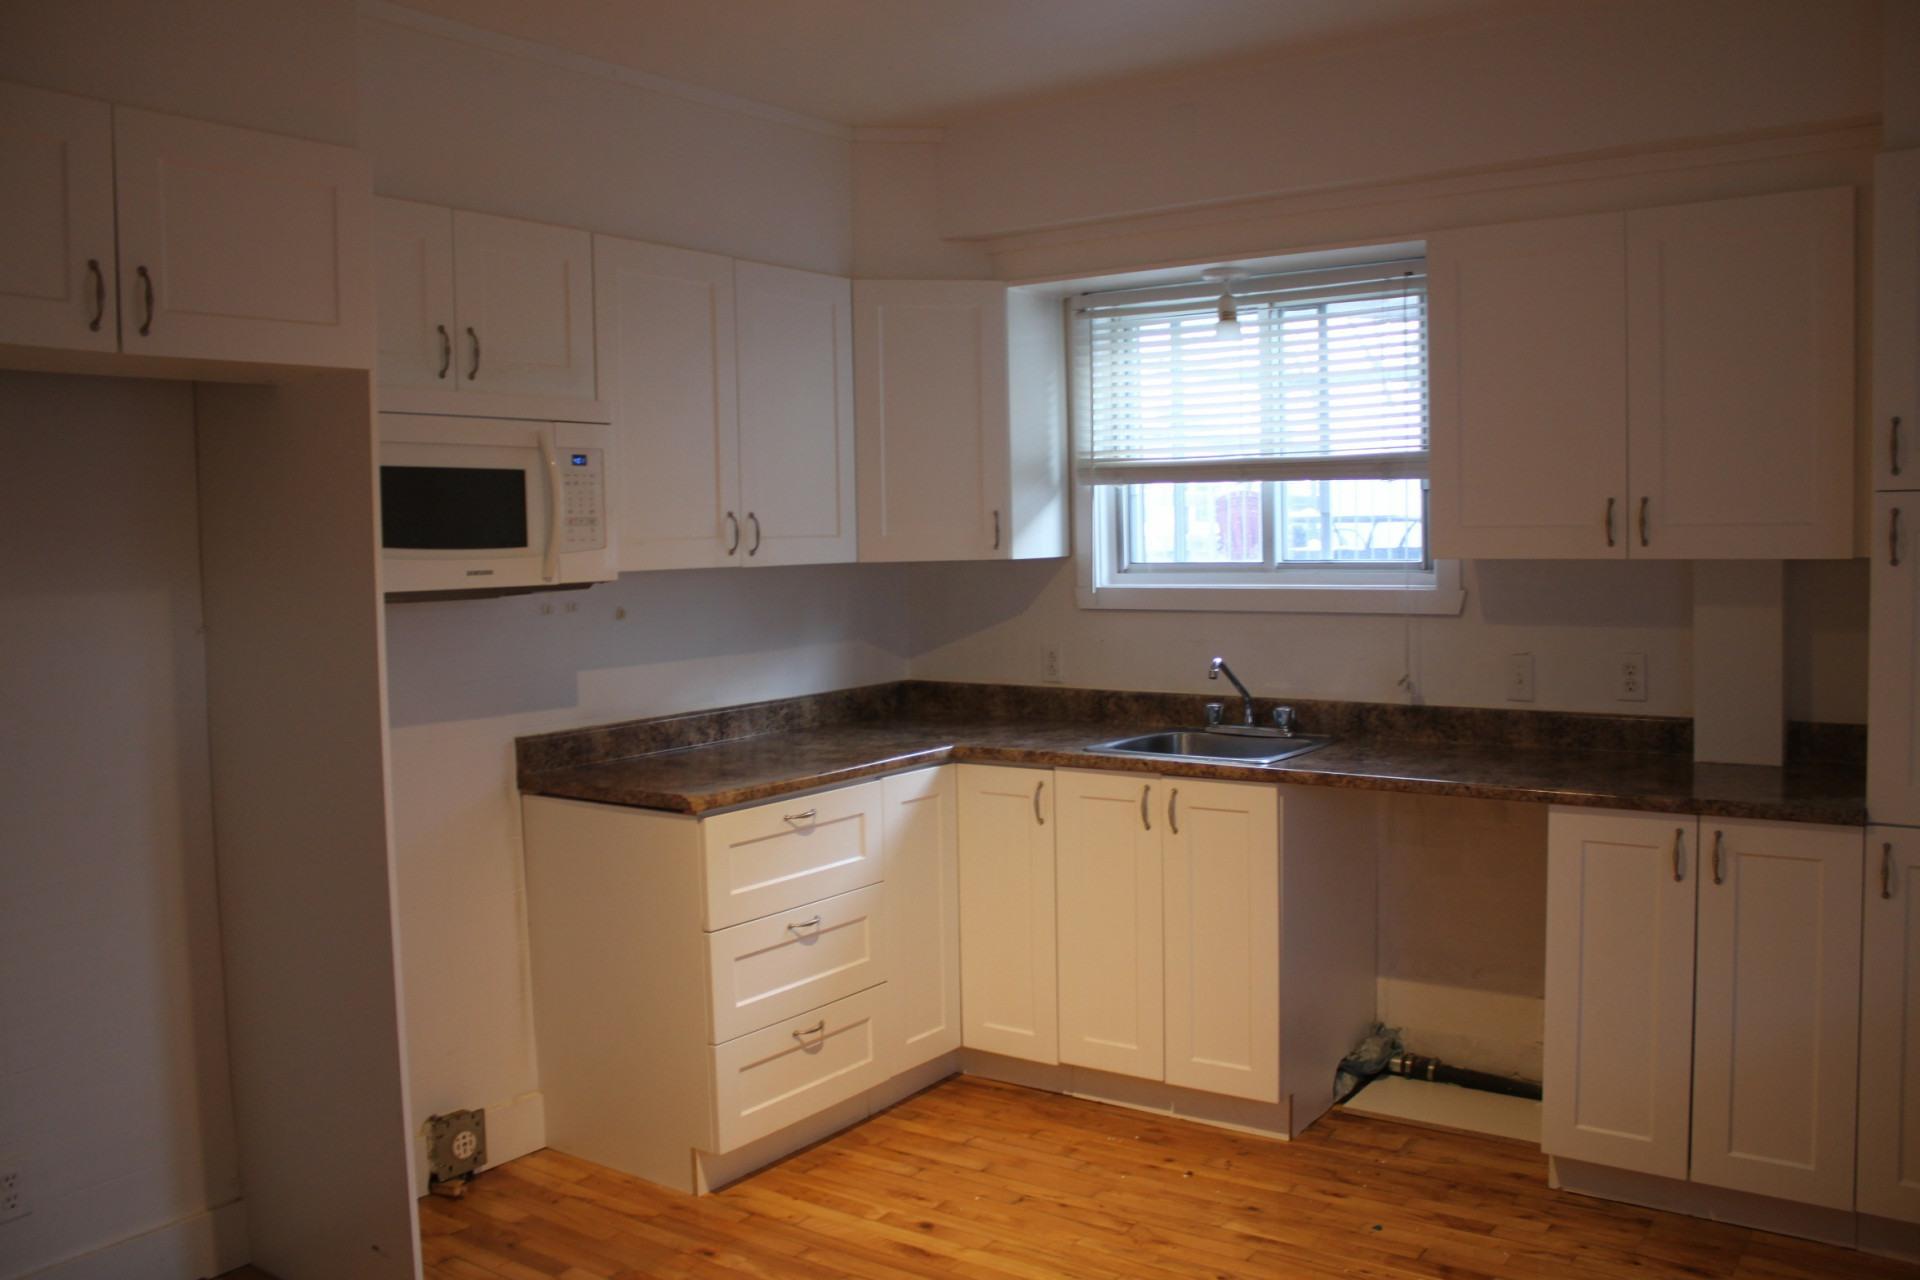 image 8 - Apartment For rent Montréal Mercier - 3 rooms